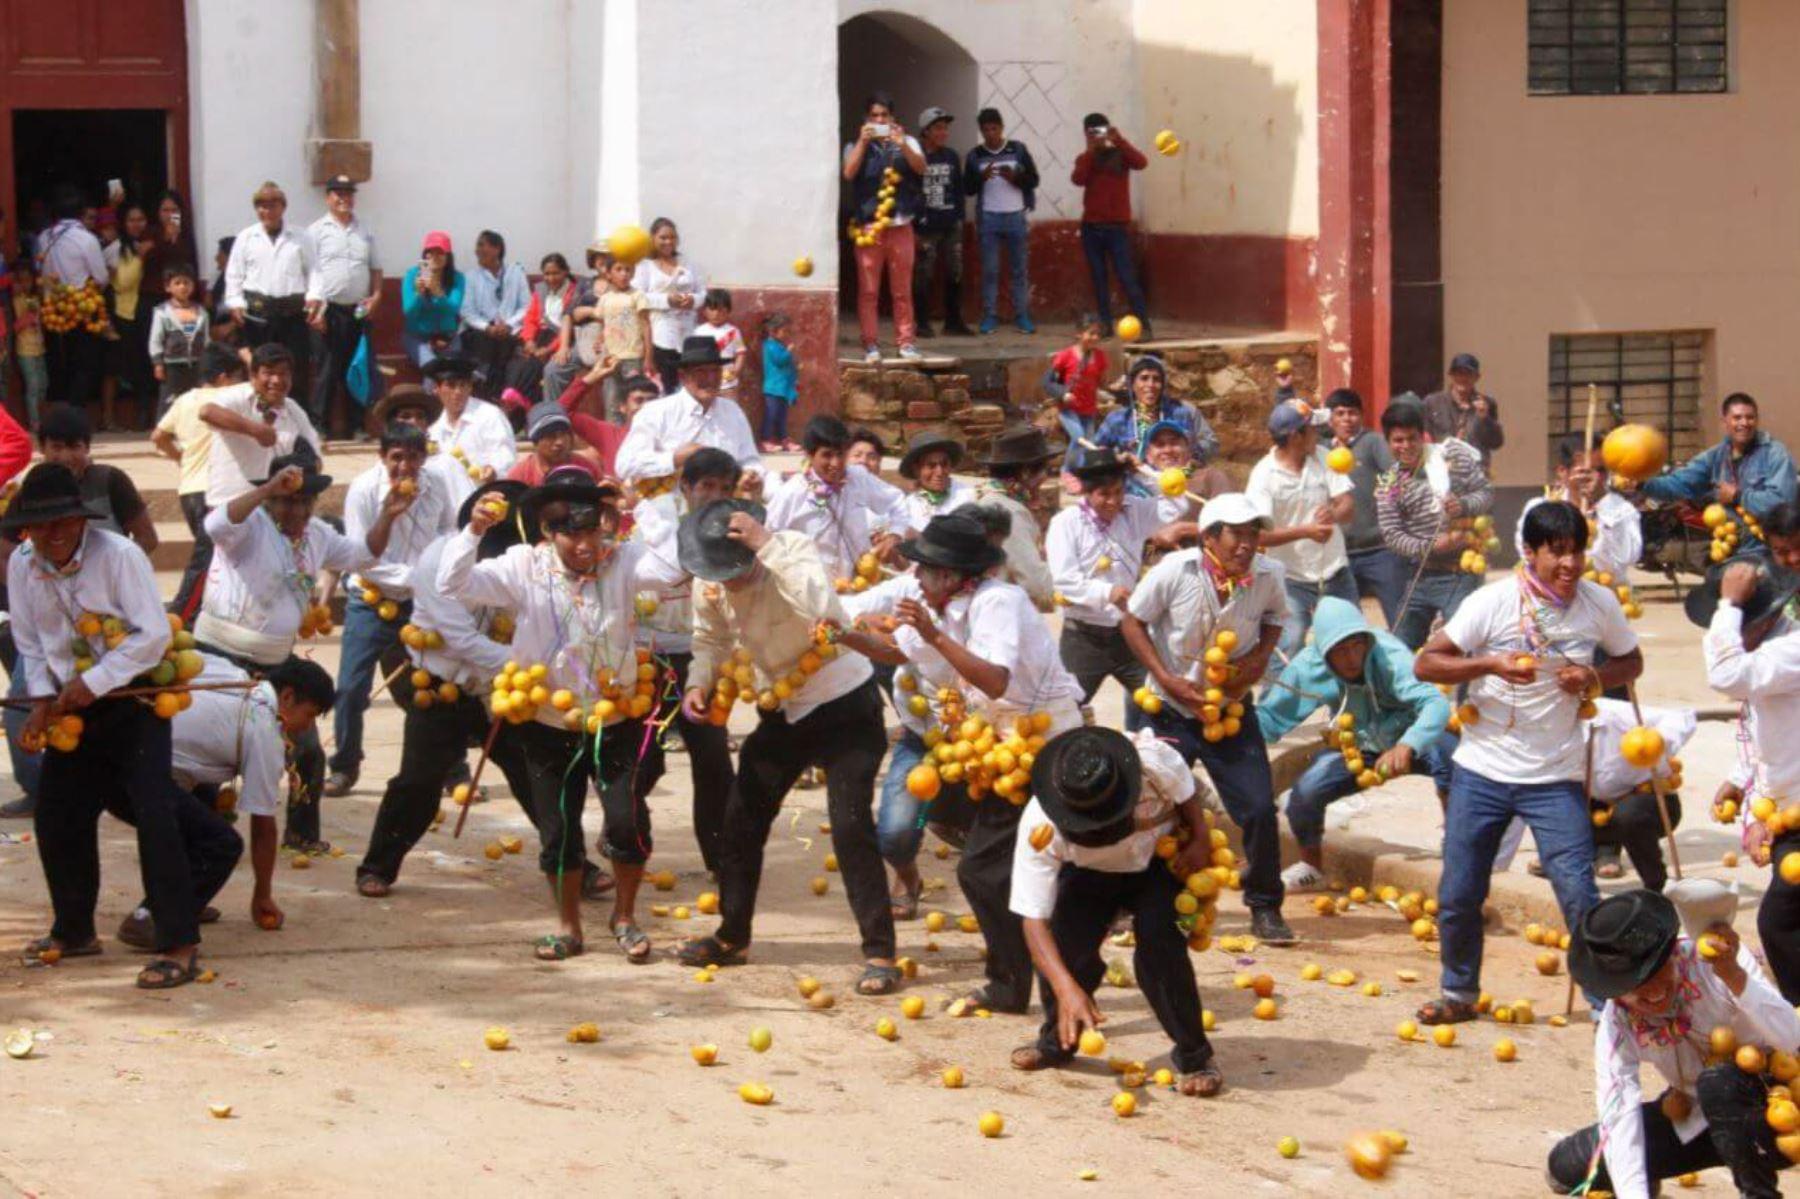 """El Carnaval Tinkuy, declarado Patrimonio Cultural de la Nación, tiene en la llamada """"guerra de las naranjas"""" a una de sus peculiares expresiones que rinden homenaje a la generosidad de la Pachamama o madre tierra."""